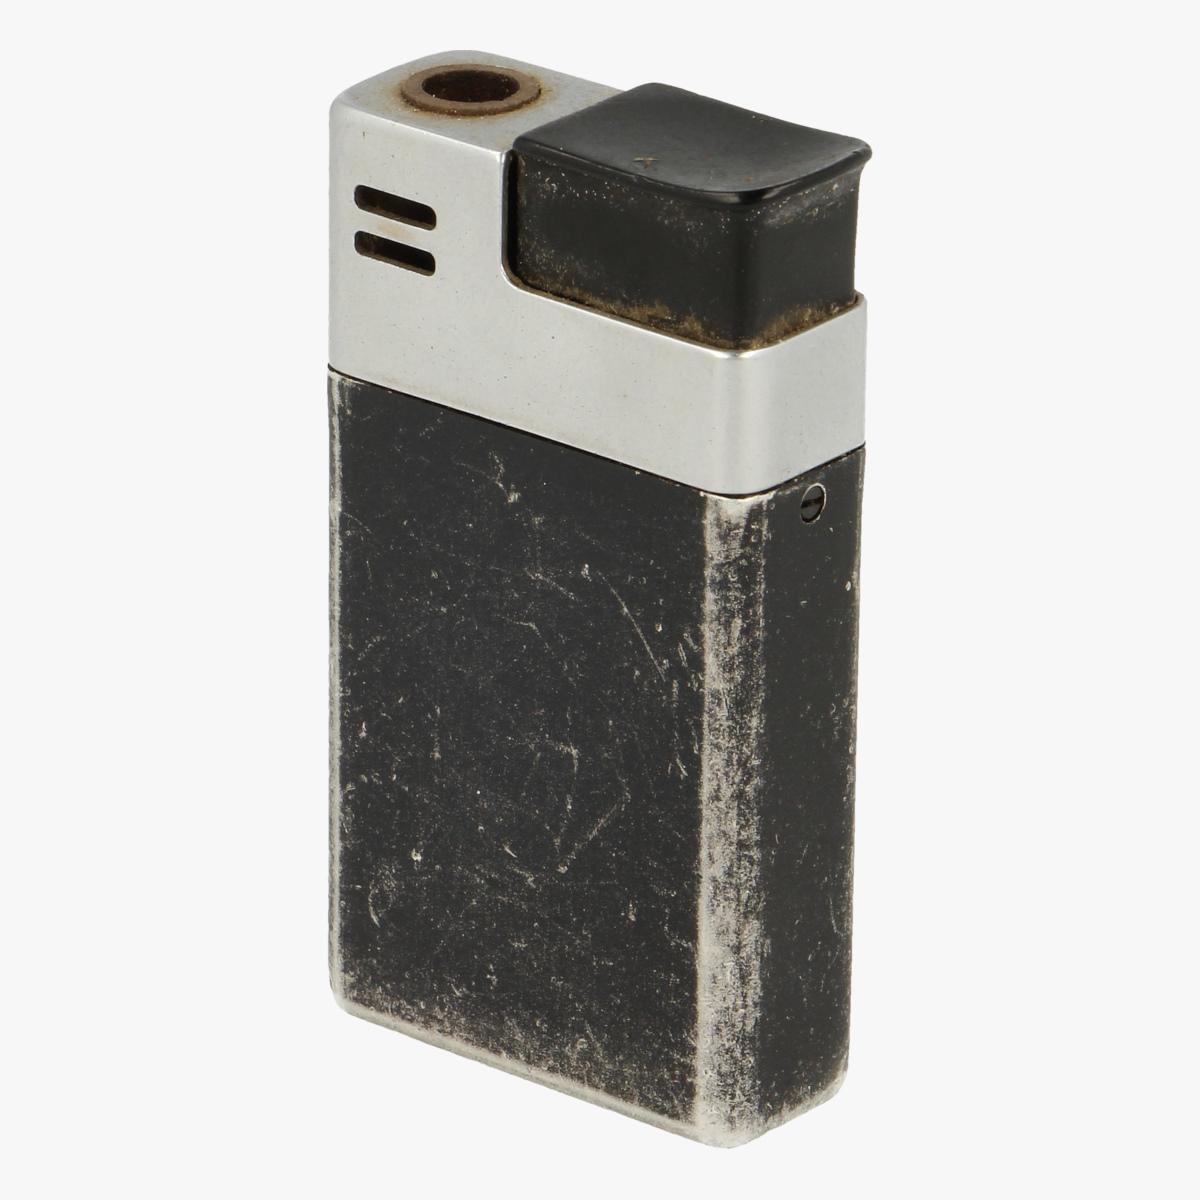 Afbeeldingen van oude aansteker Braun made in W-Germany